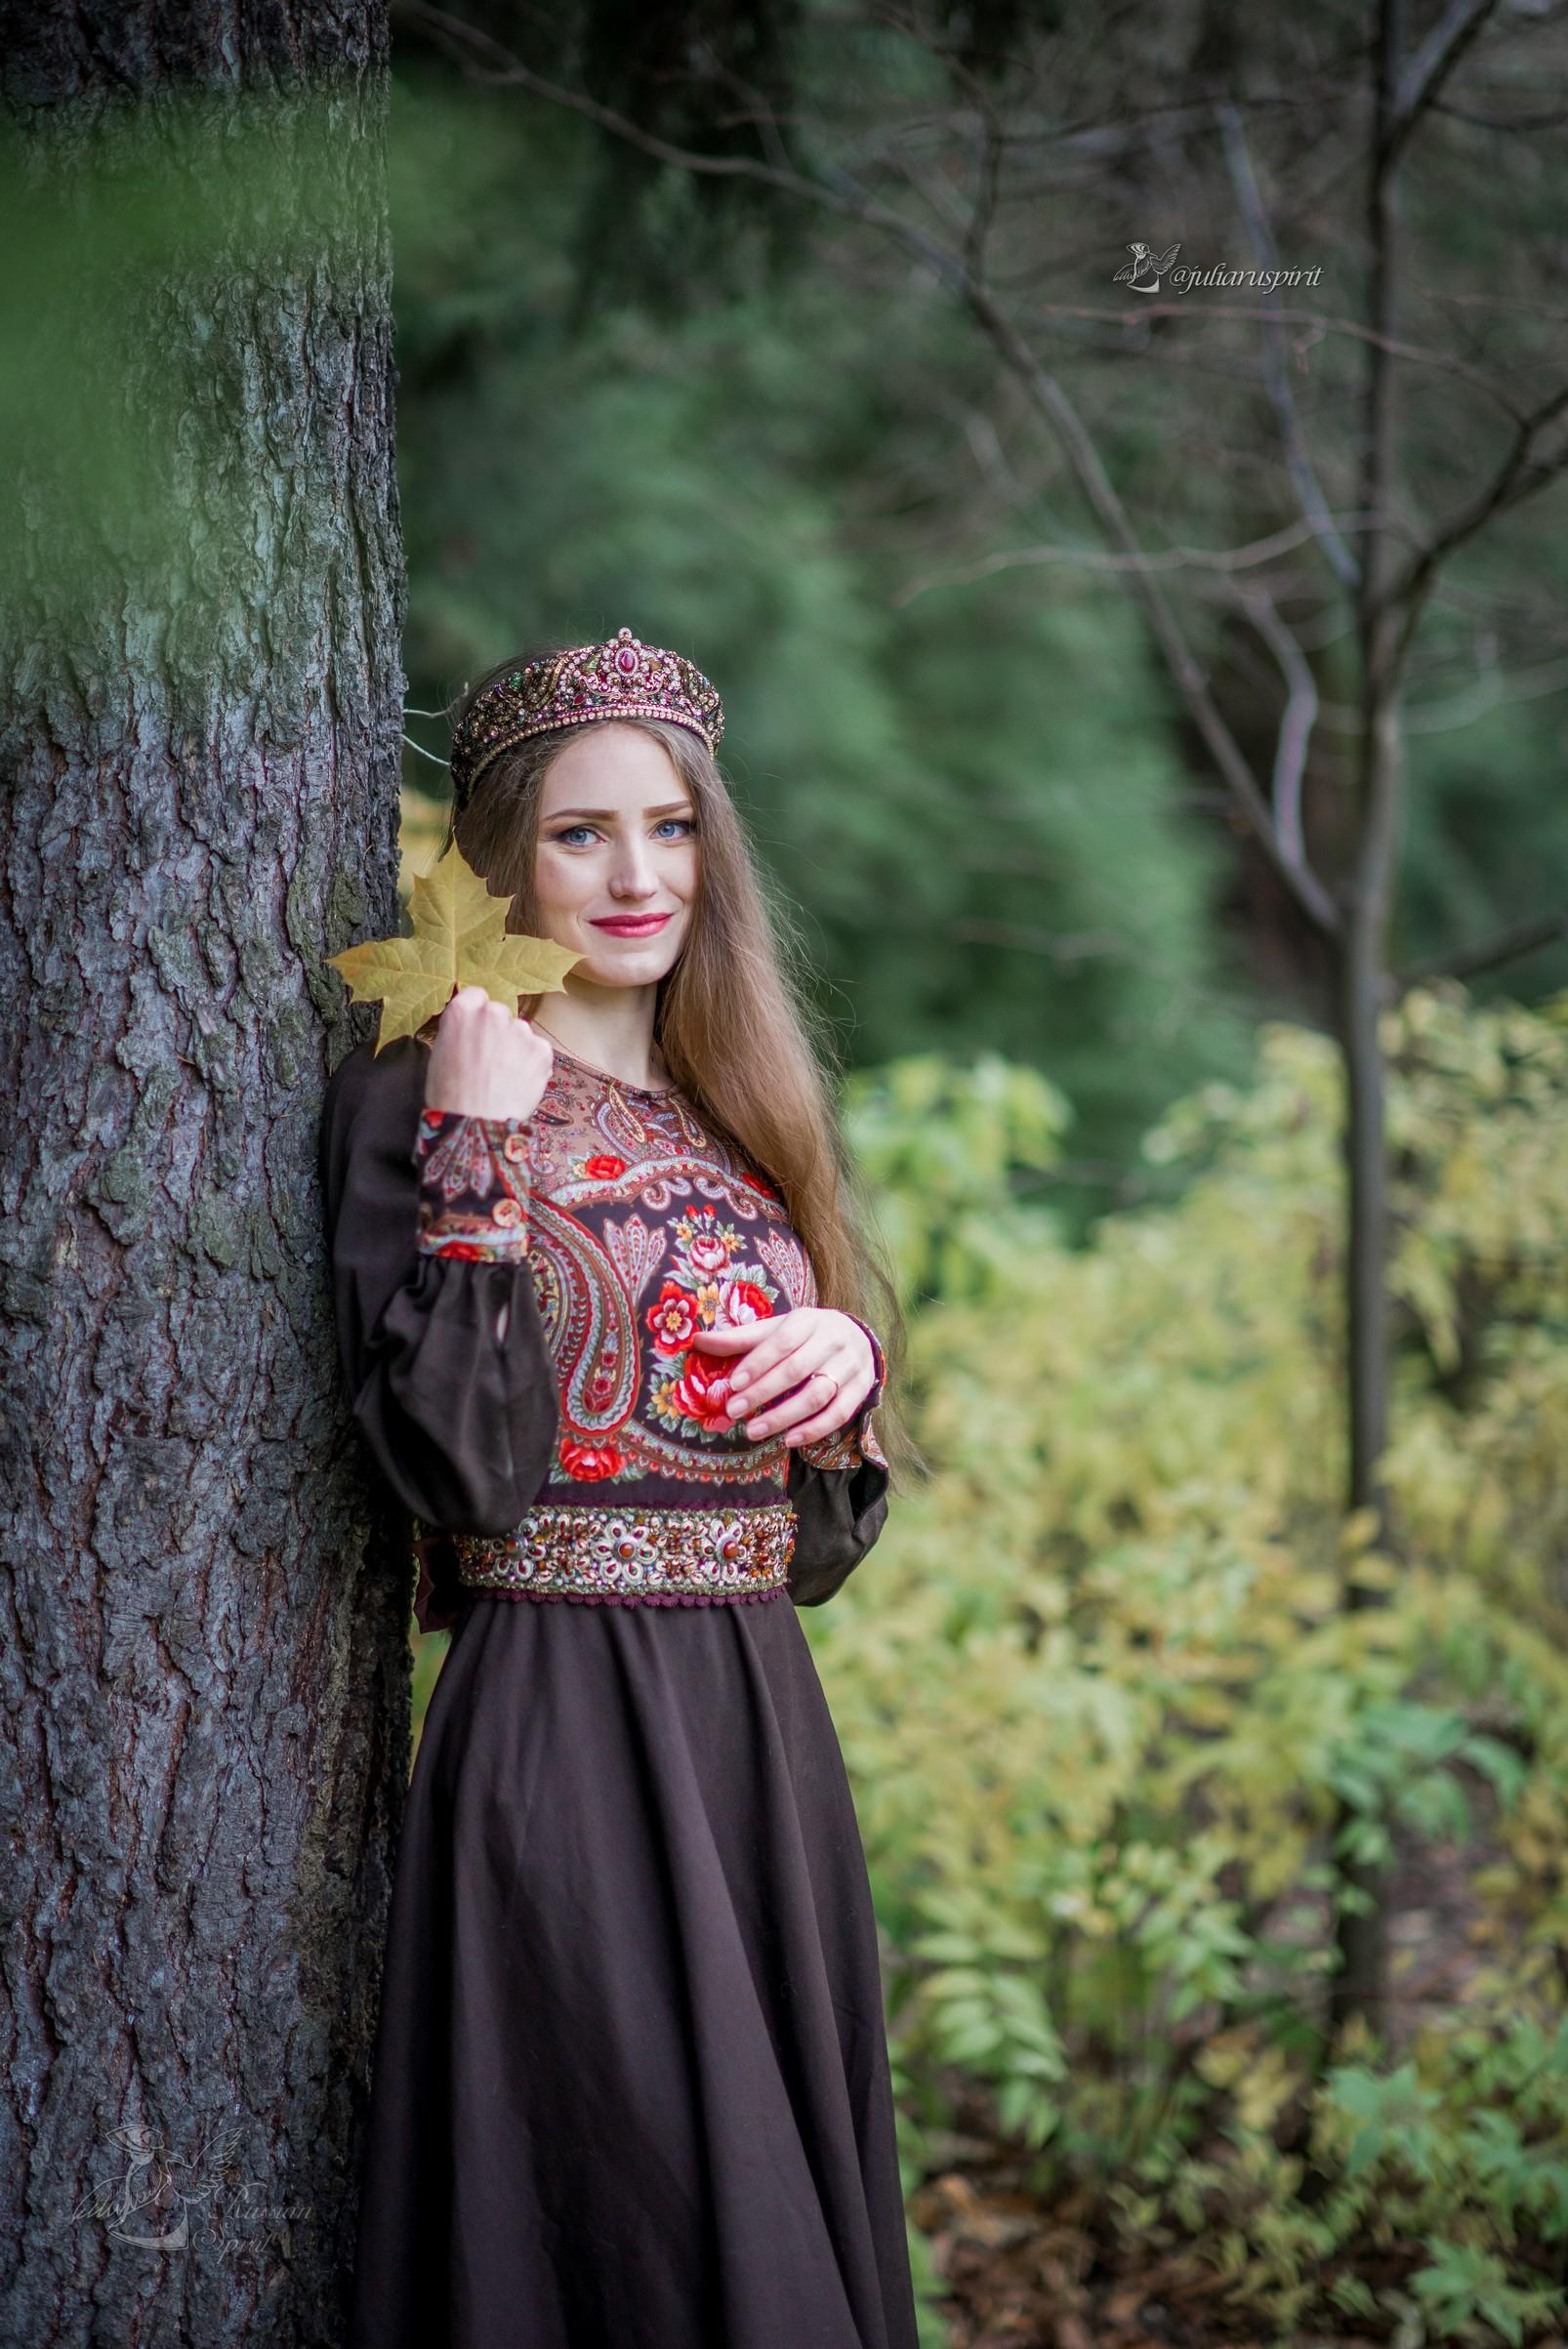 Девушка в коричневом платье в русском стиле и кокошнике